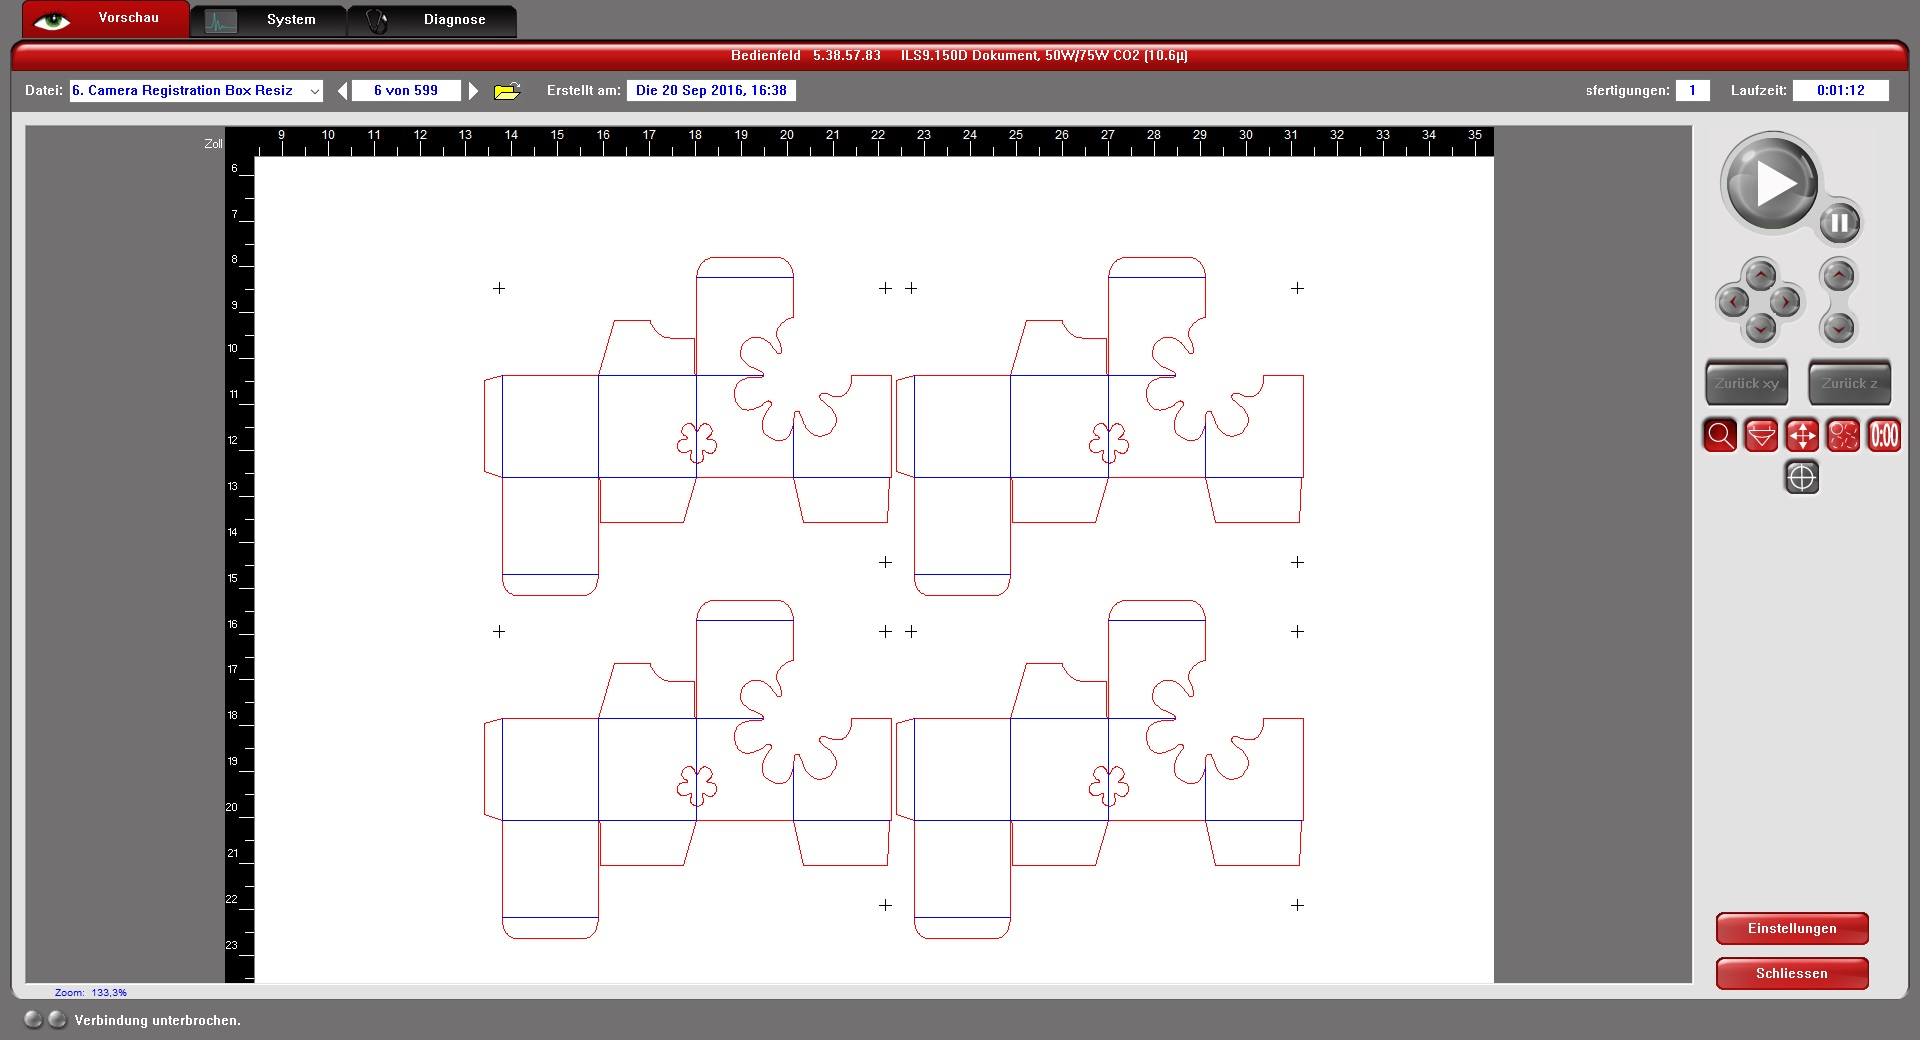 Die Lasersystem-Software mit vier Exemplaren eines einzigen, durch Duplikation erzeugten Kameraregistrierungsprozesses, wie am XLS-System dargestellt